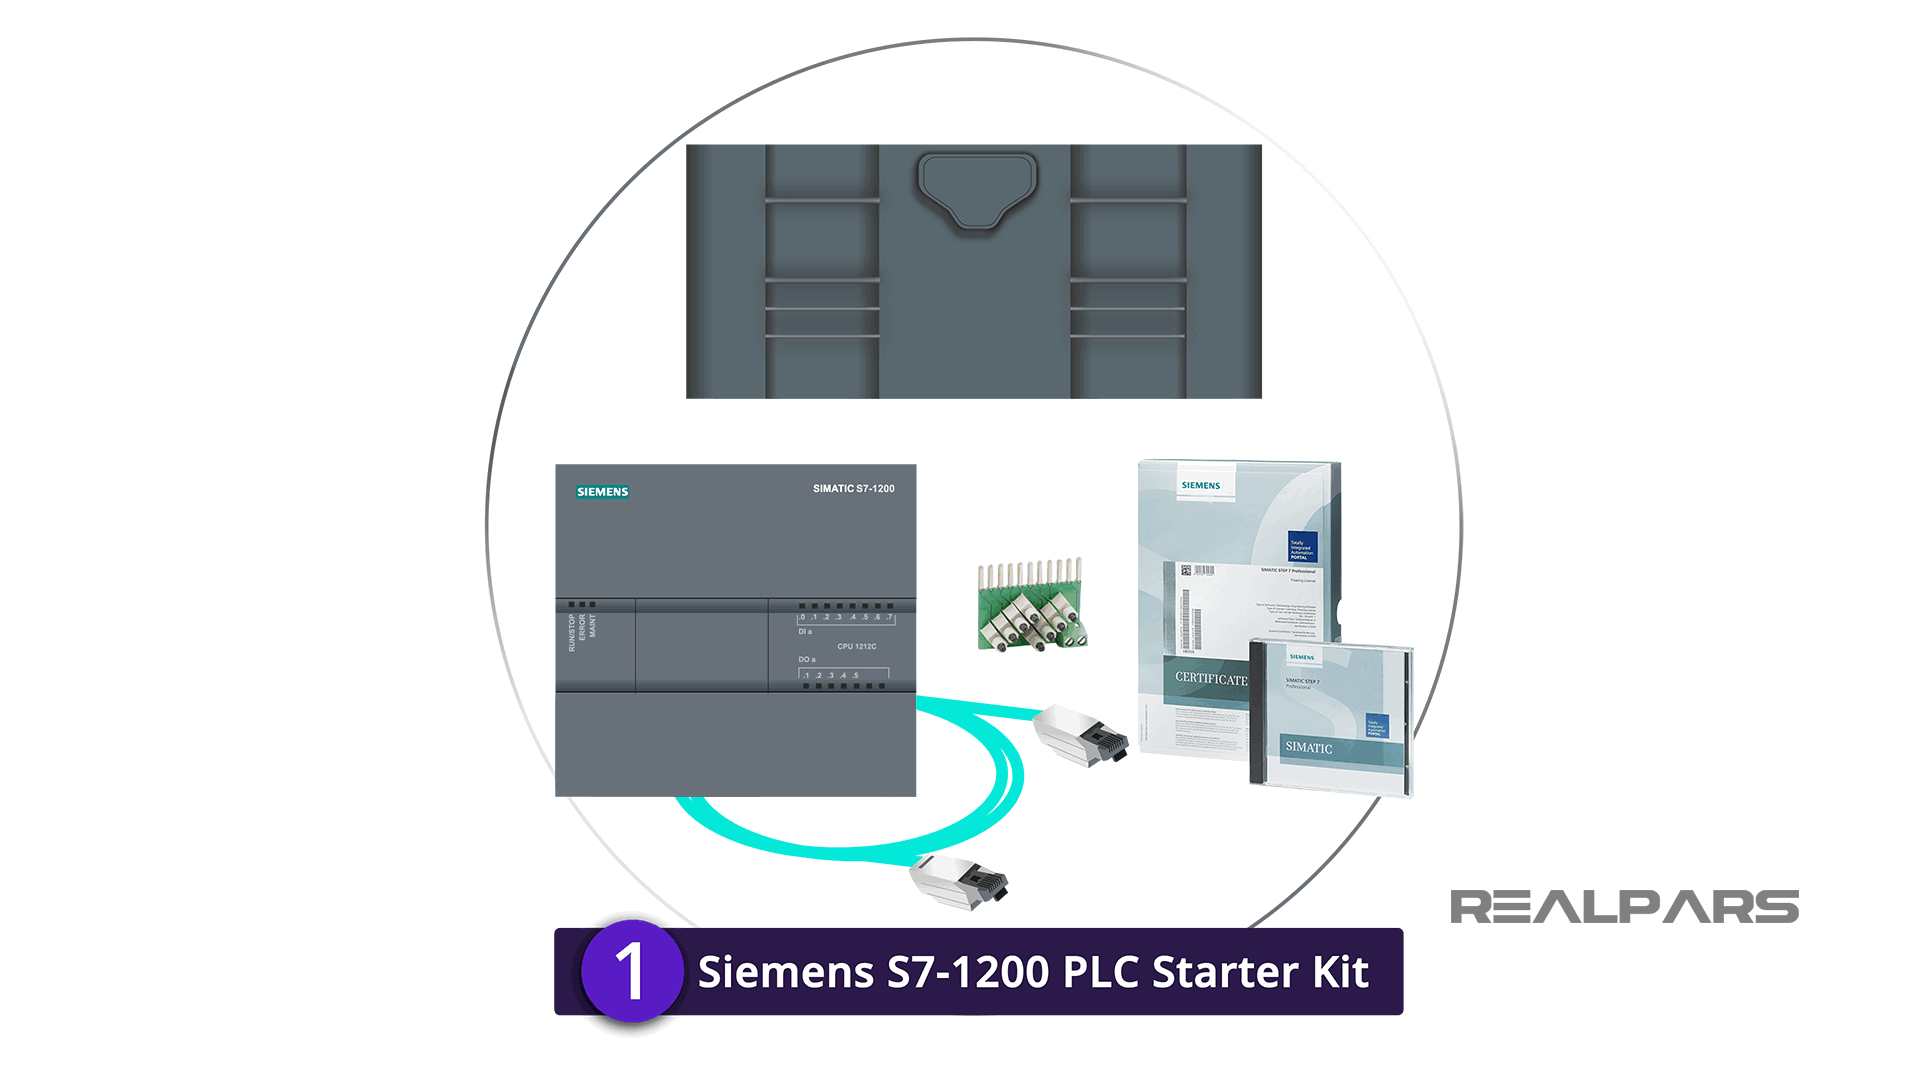 Siemens S7-1200 PLC Starter Kits, a Cheap PLC